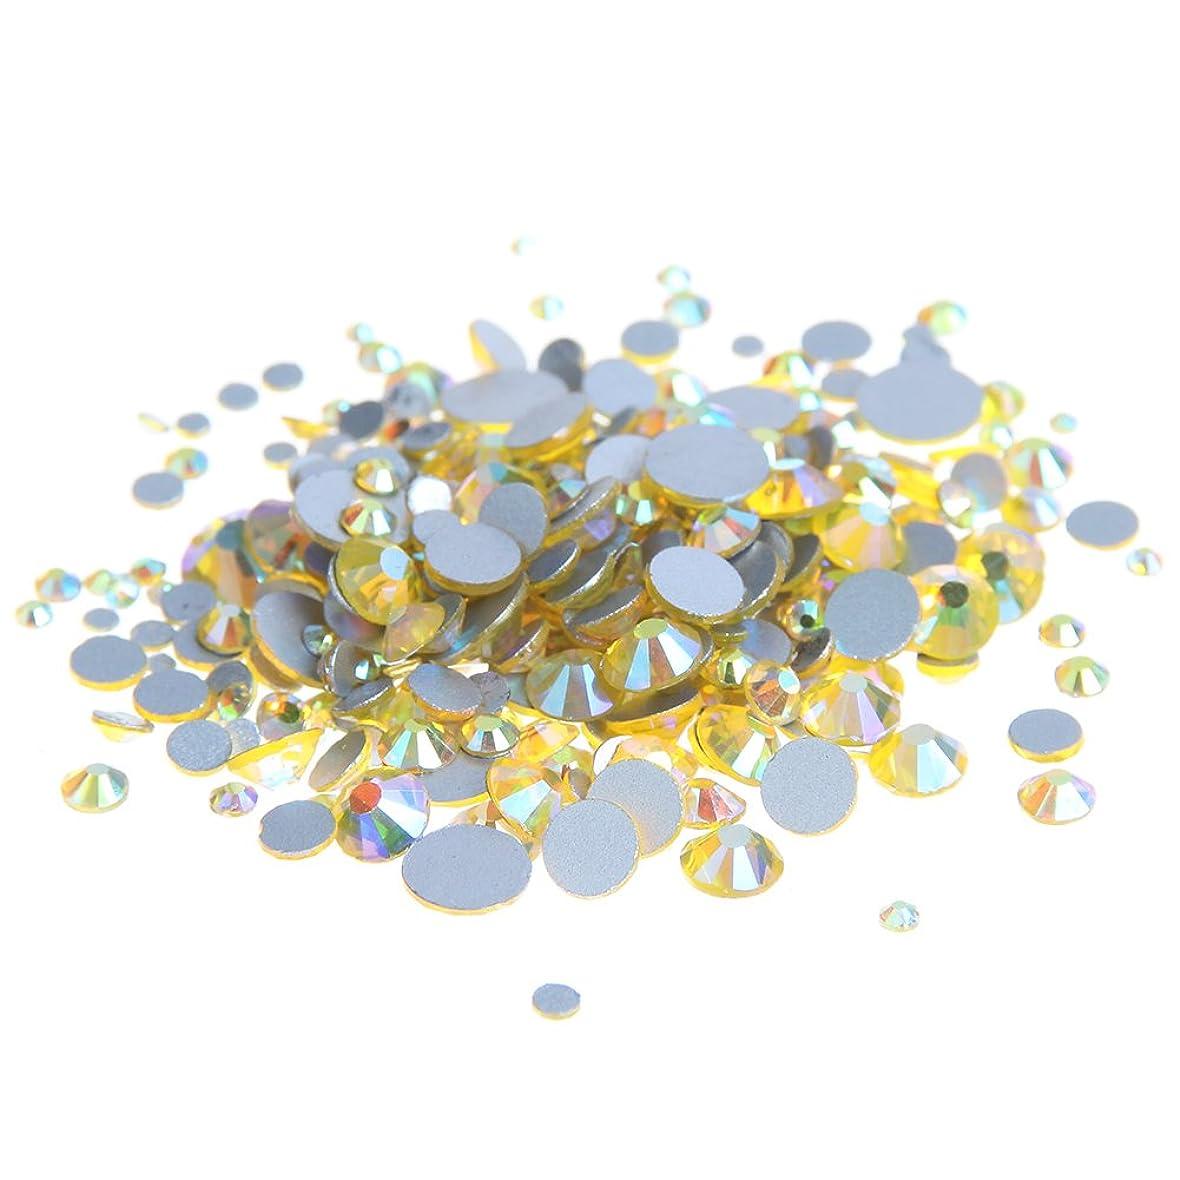 ストラトフォードオンエイボンクスクスエミュレートするNizi ジュエリー ブランド シトリンオーロラ ラインストーン は ガラスの材質 ネイル使用 型番ss3-ss30 (混合サイズ 1000pcs)